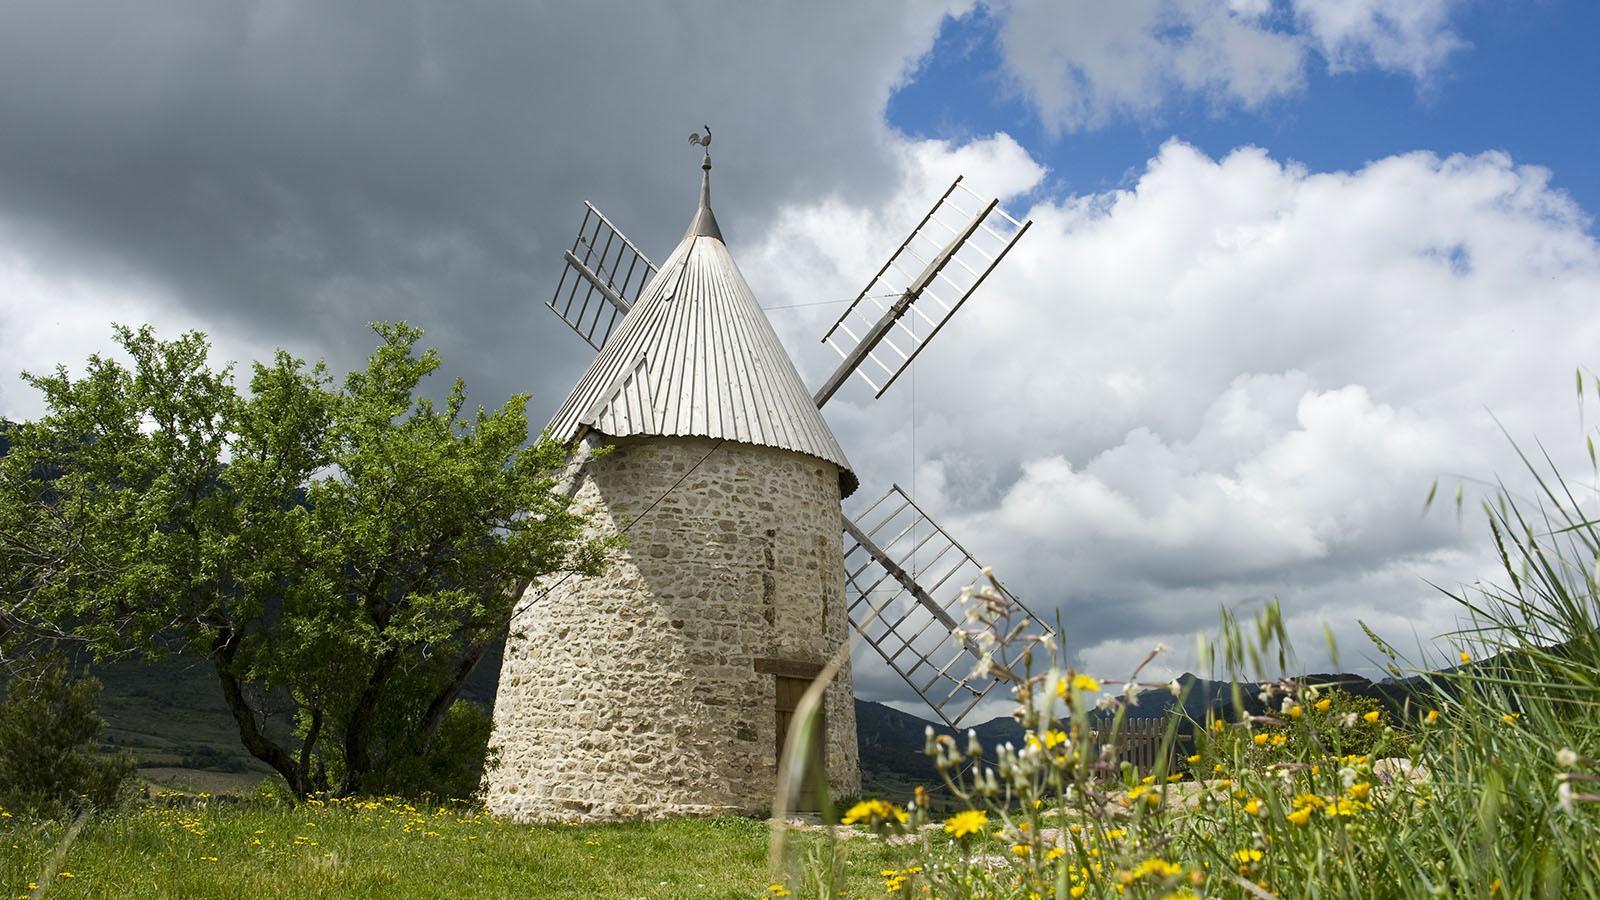 Maitres de mon moulin: Die berühmte Mühle von Cucugnan. Foto: Hilke Maunder